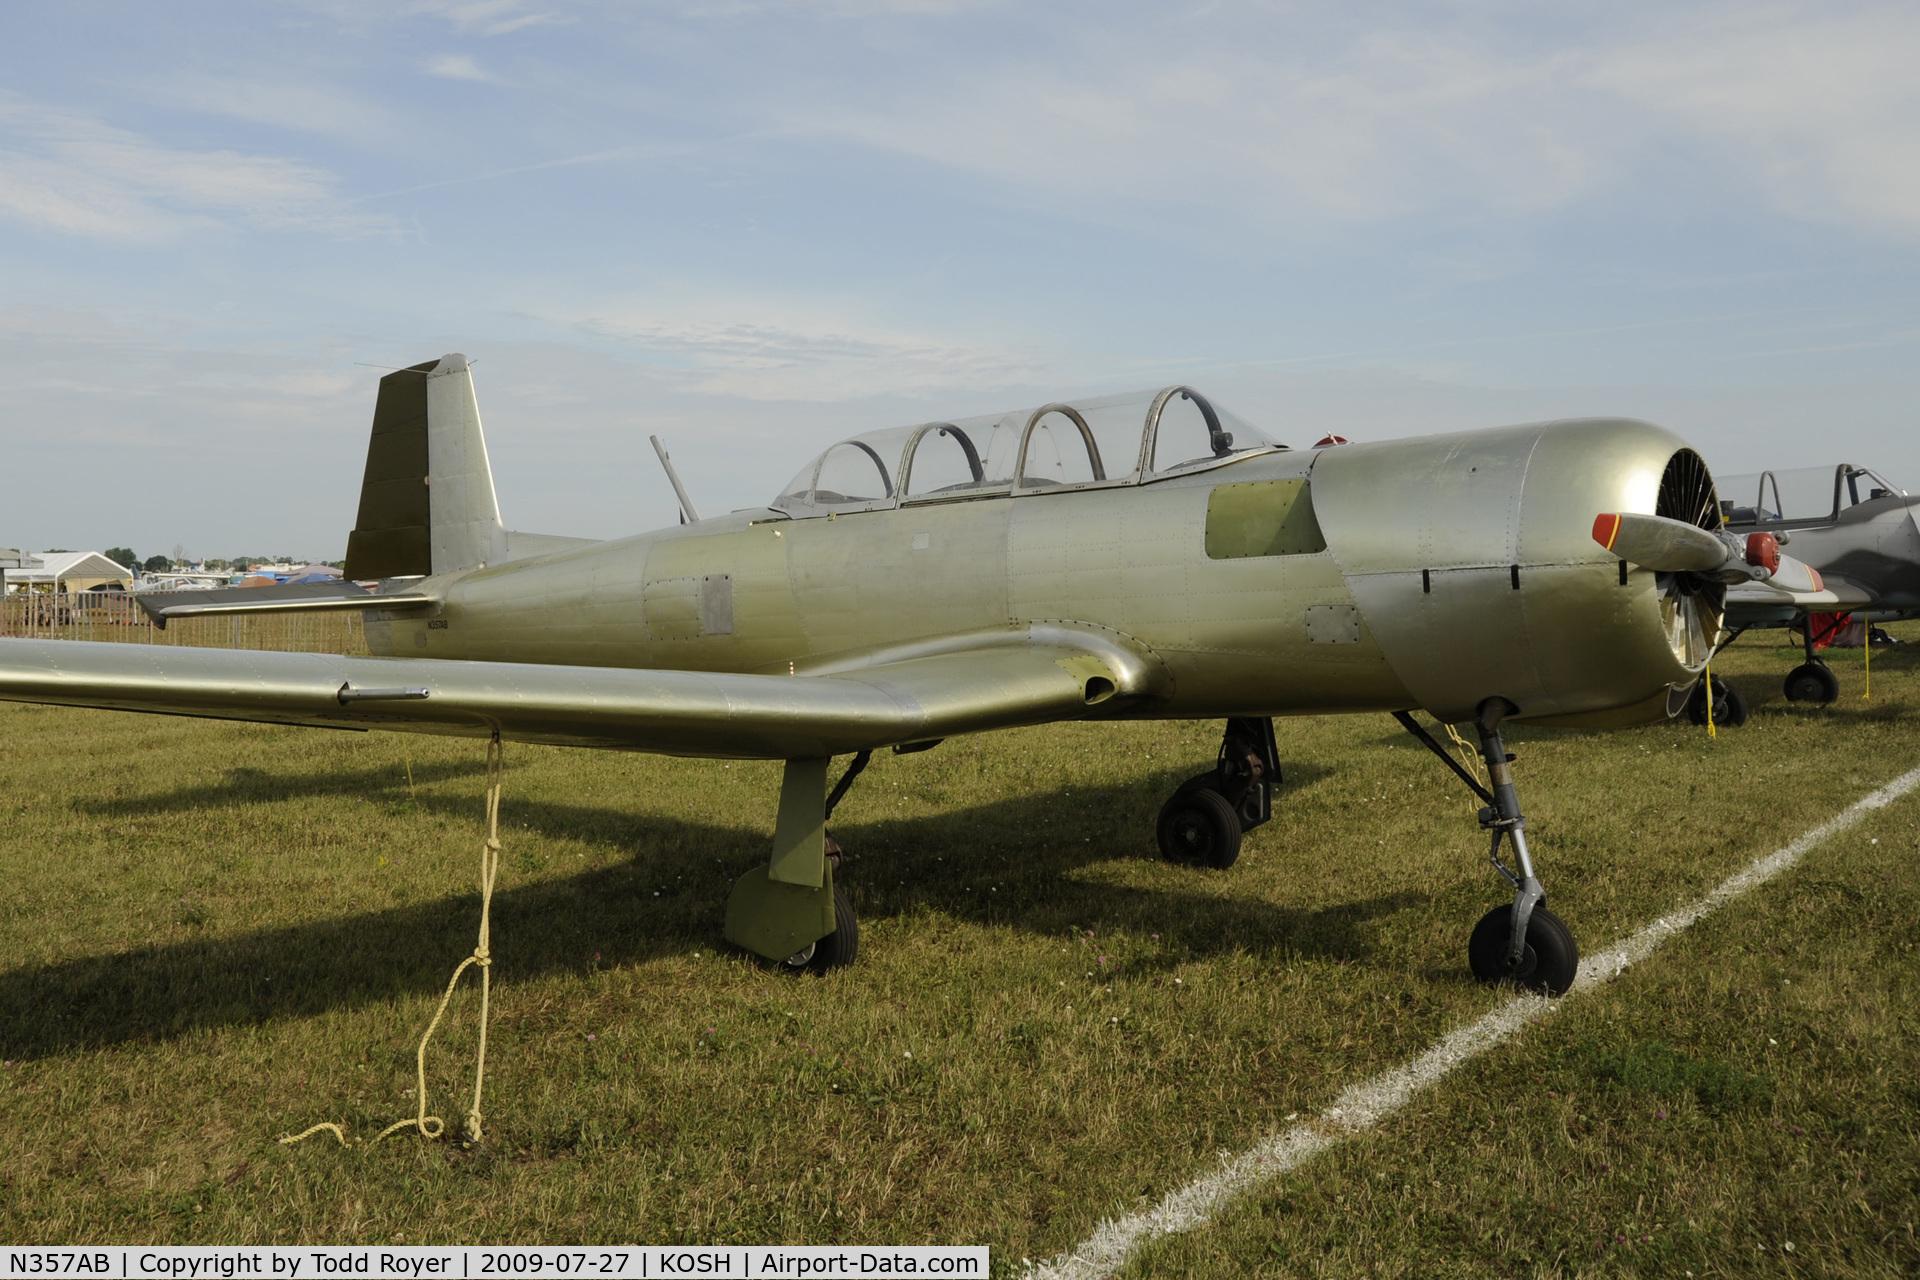 N357AB, 1971 Nanchang CJ-6 C/N 1432023, Oshkosh EAA Fly-in 2009